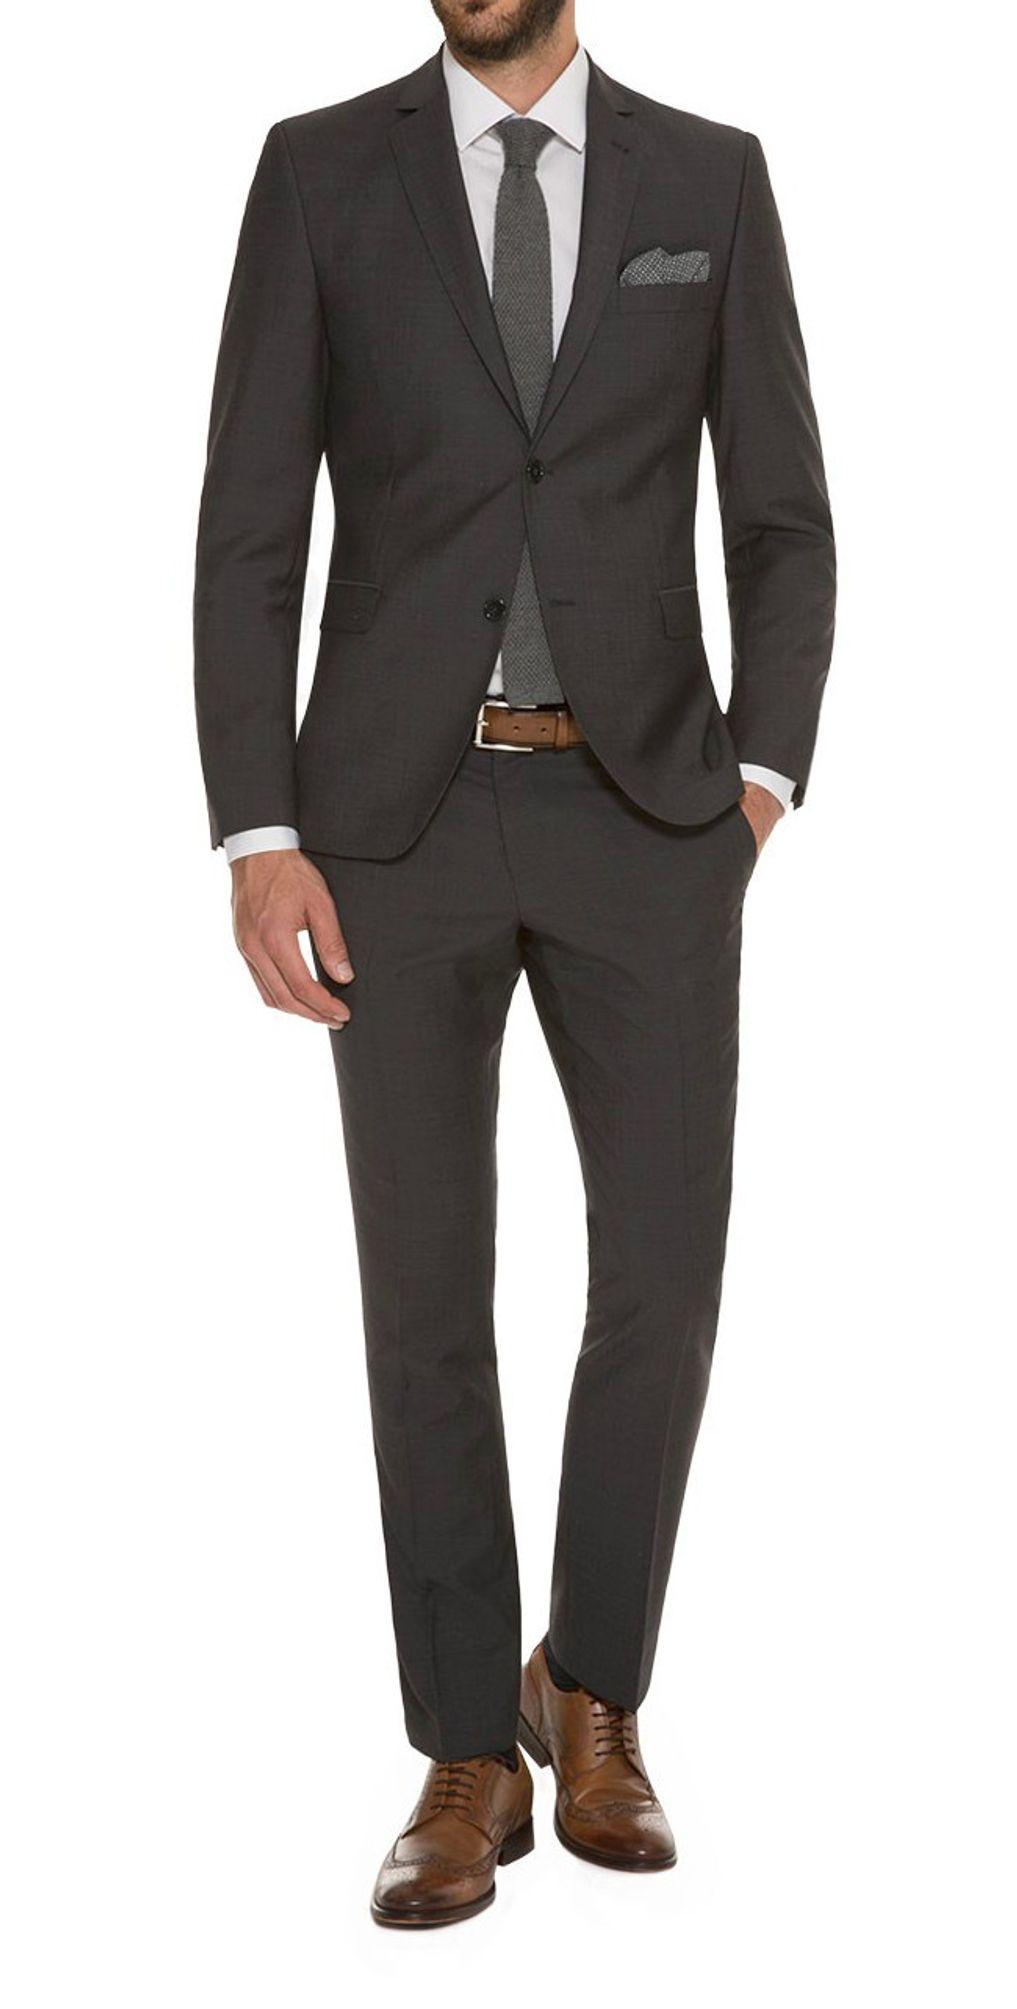 Die 10 besten Bilder von Anzüge | Stile für männer, Anzug